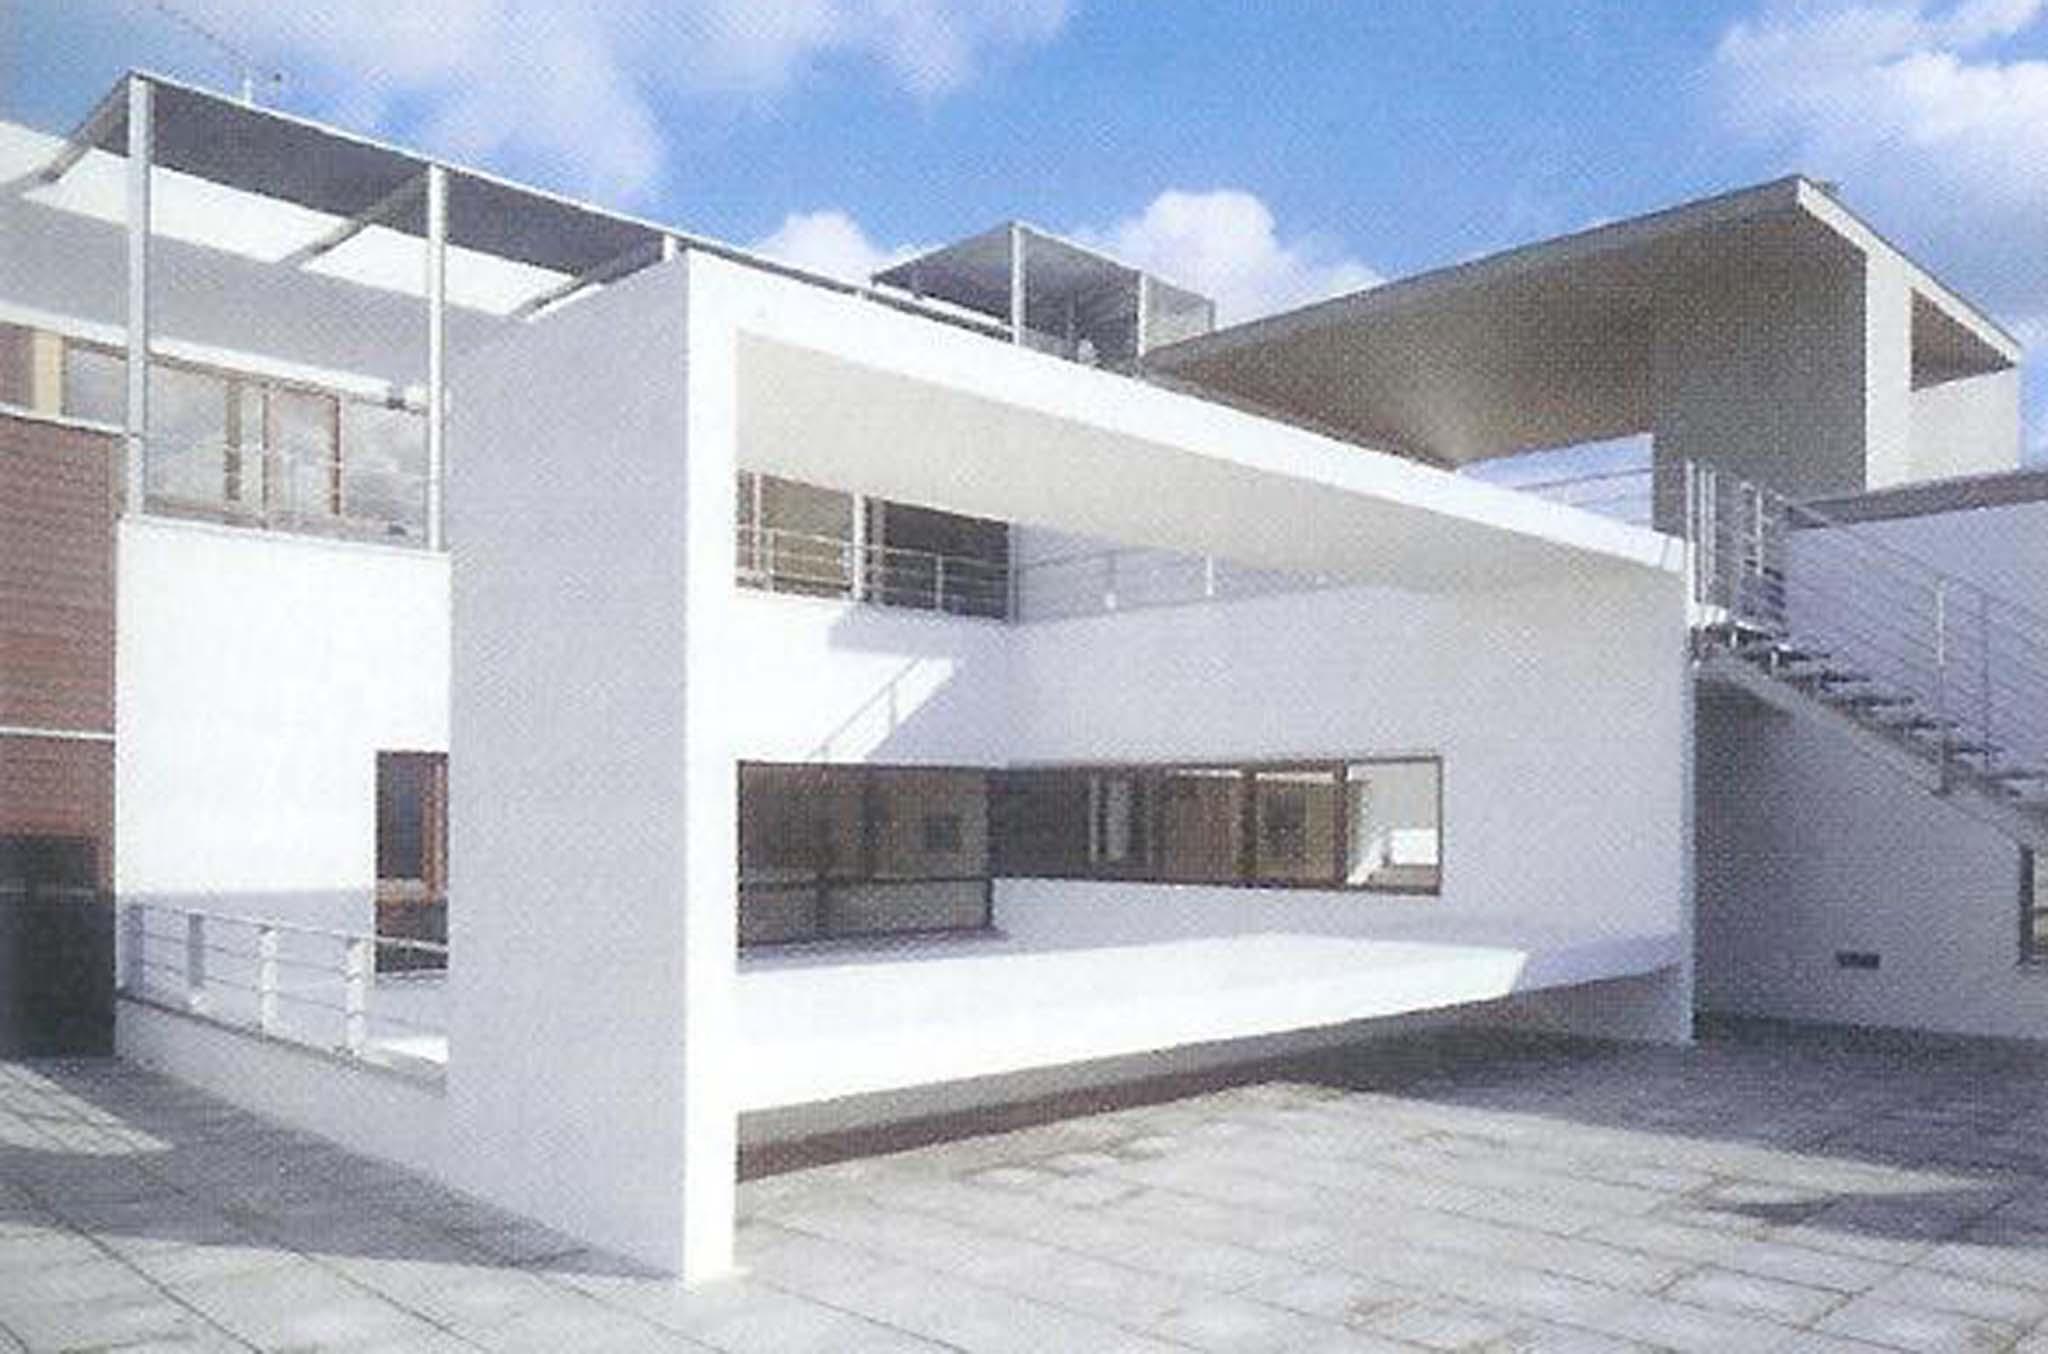 Fran ois depresle architecte foyer de vie pour personnes for Garage 2000 montreuil